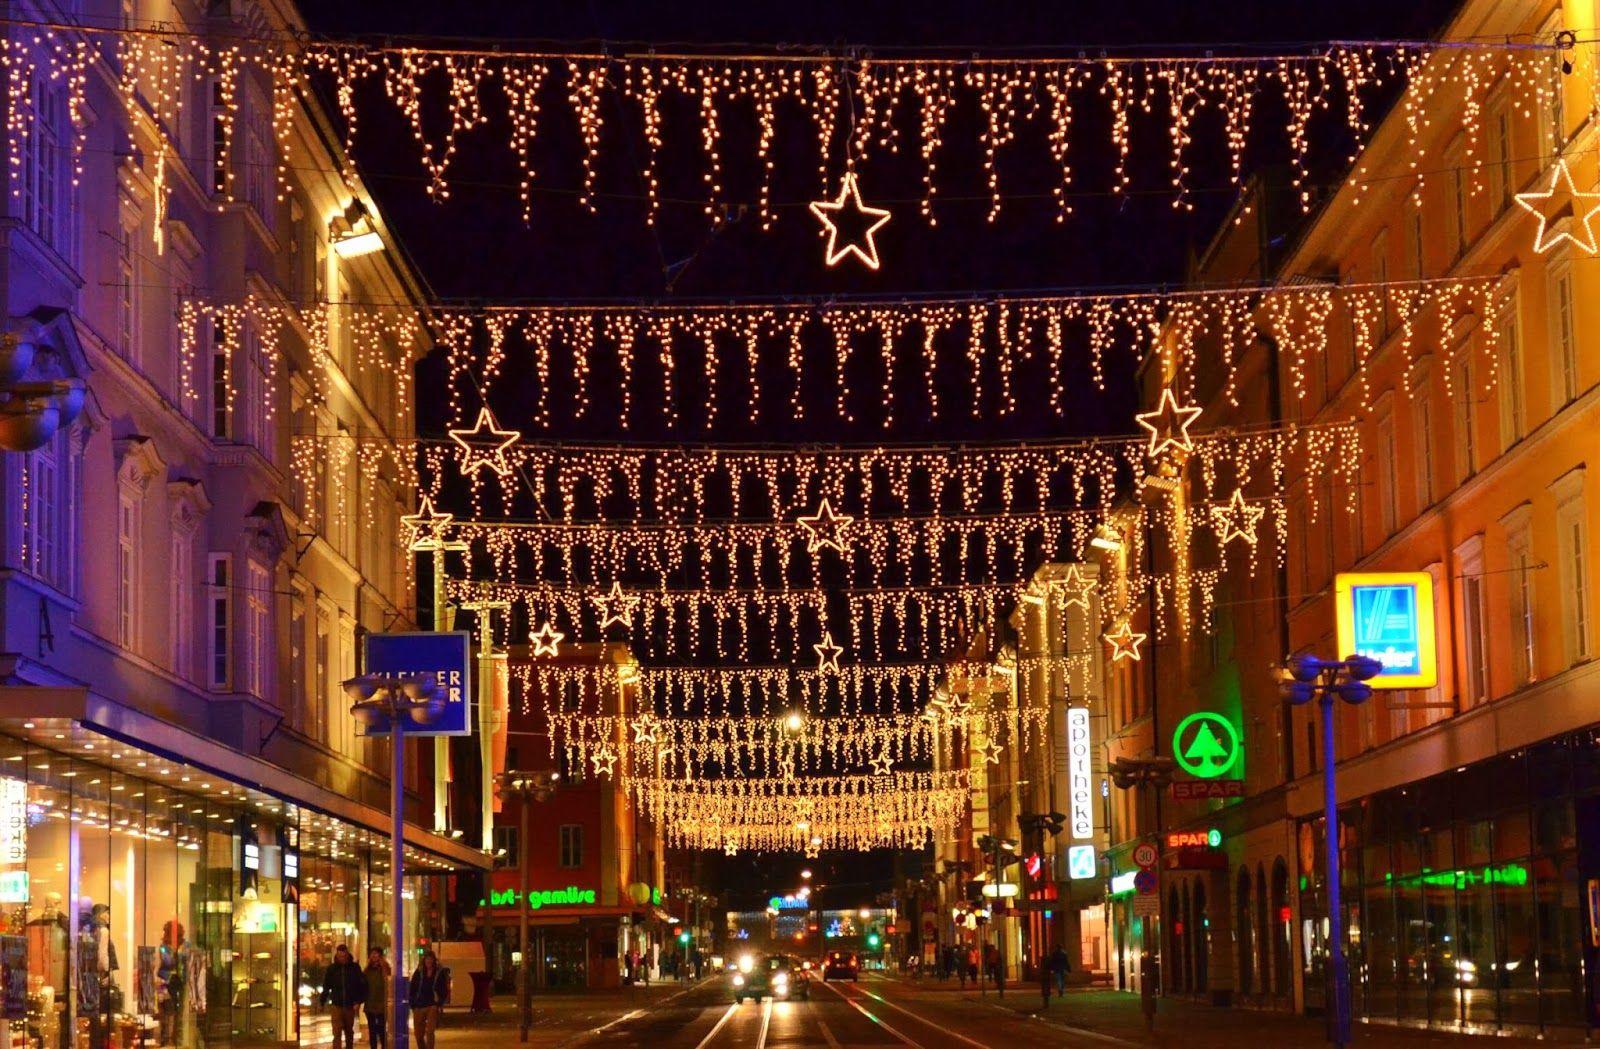 #Christmas in #Innsbruck